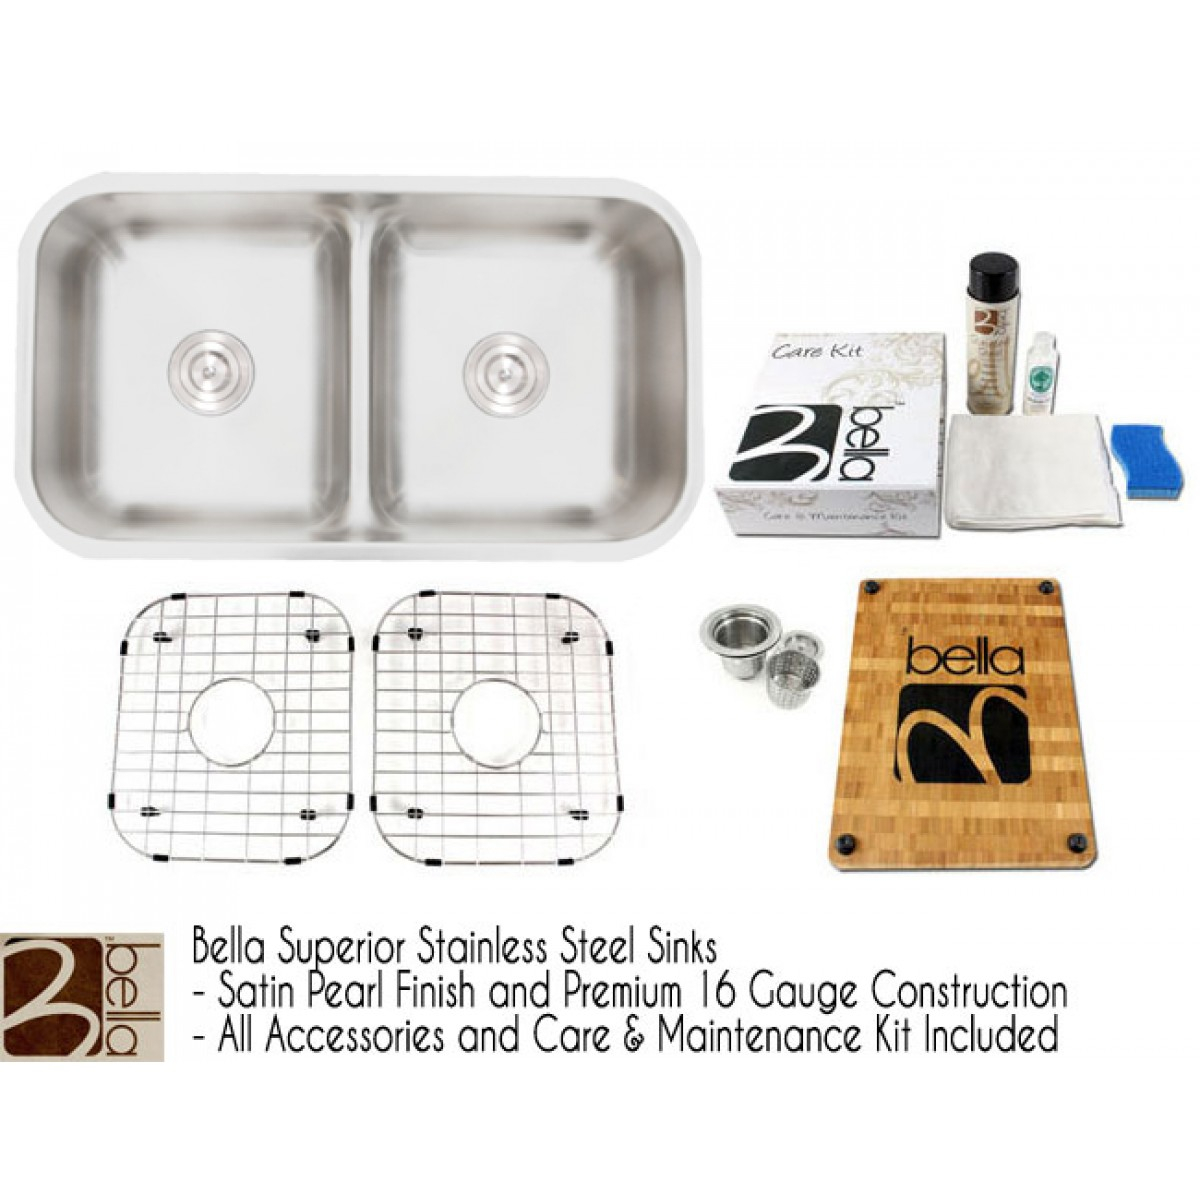 Bella 33 Inch Premium 16 Gauge Low Dam Divider 50/50 Double Bowl Kitchen  Sink With FREE ACCESSORIES